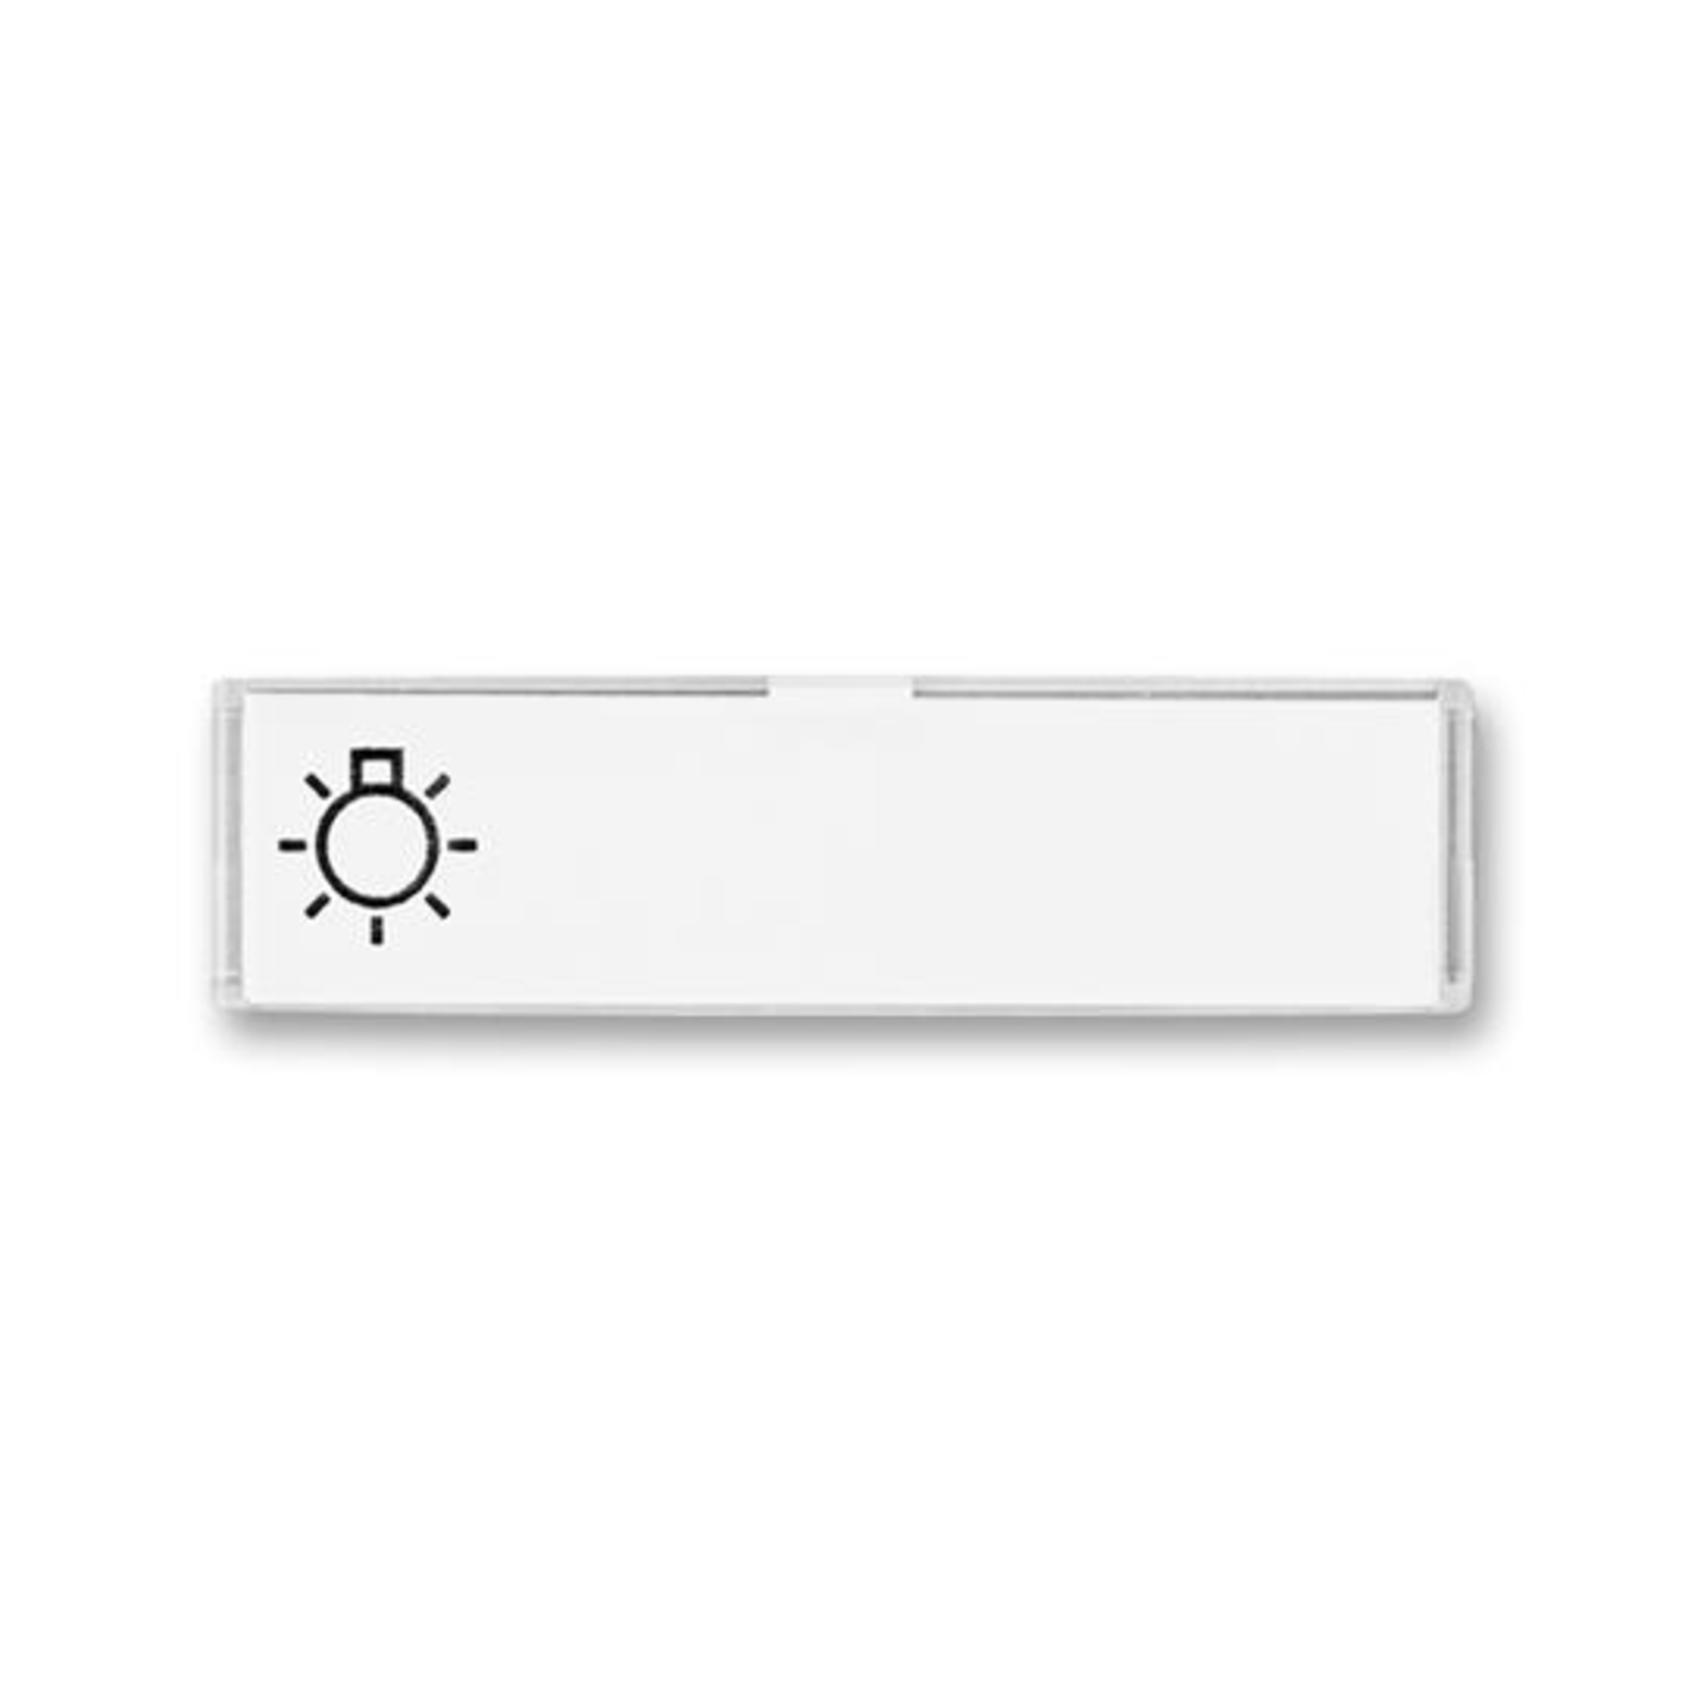 ABB 3558E-A10/2 Time Pole popisové, se symbolem světla